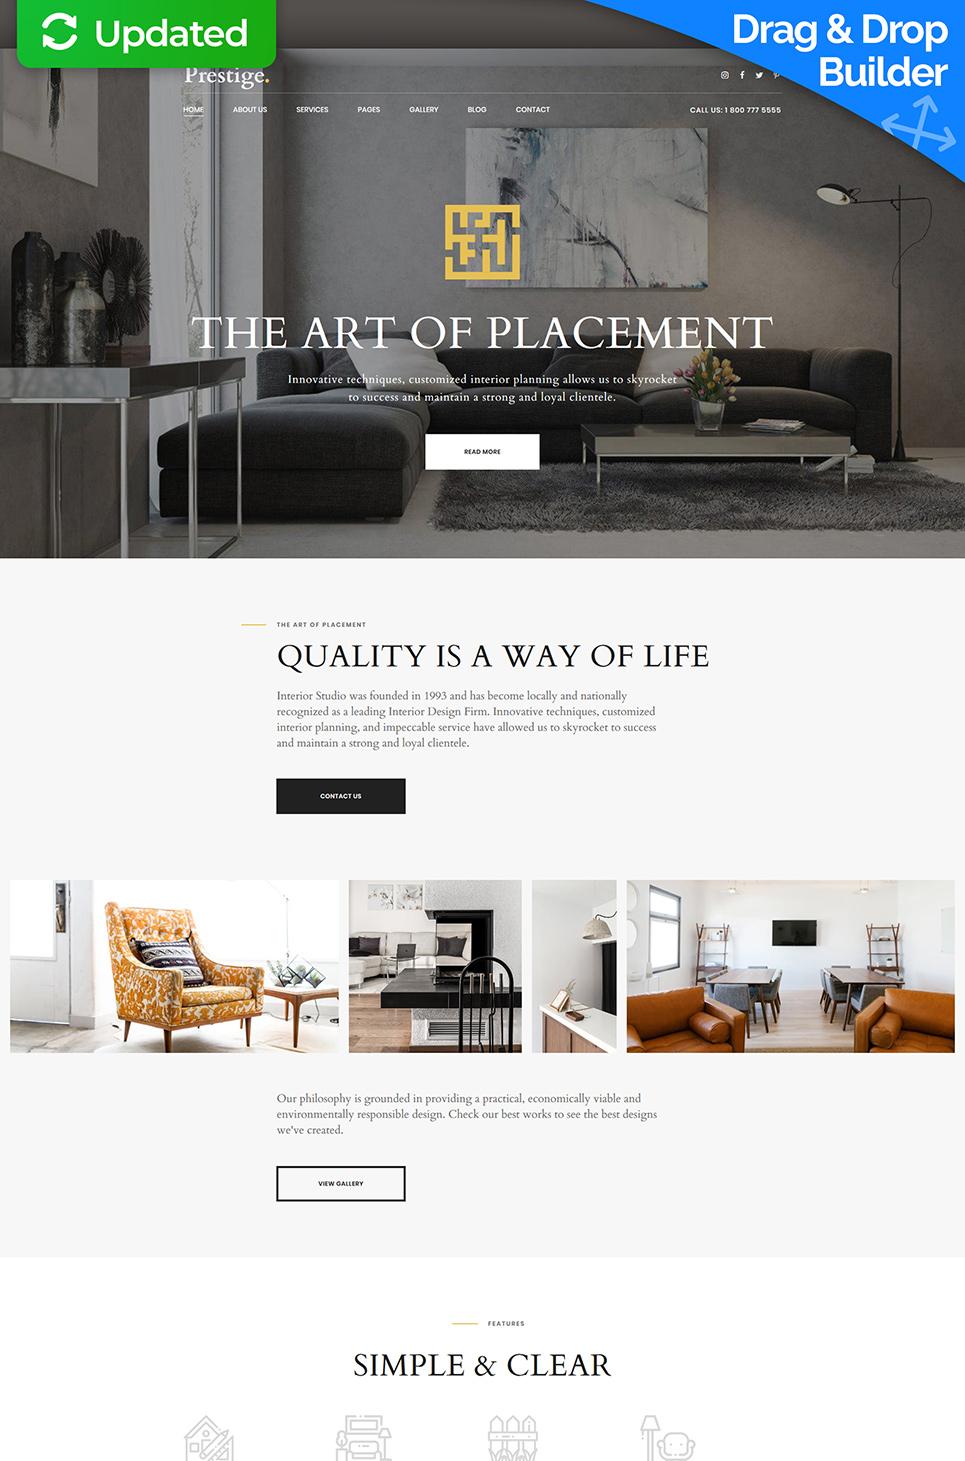 Plantilla para moto cms 3 - Categoría: Decoración y muebles - versión para Desktop